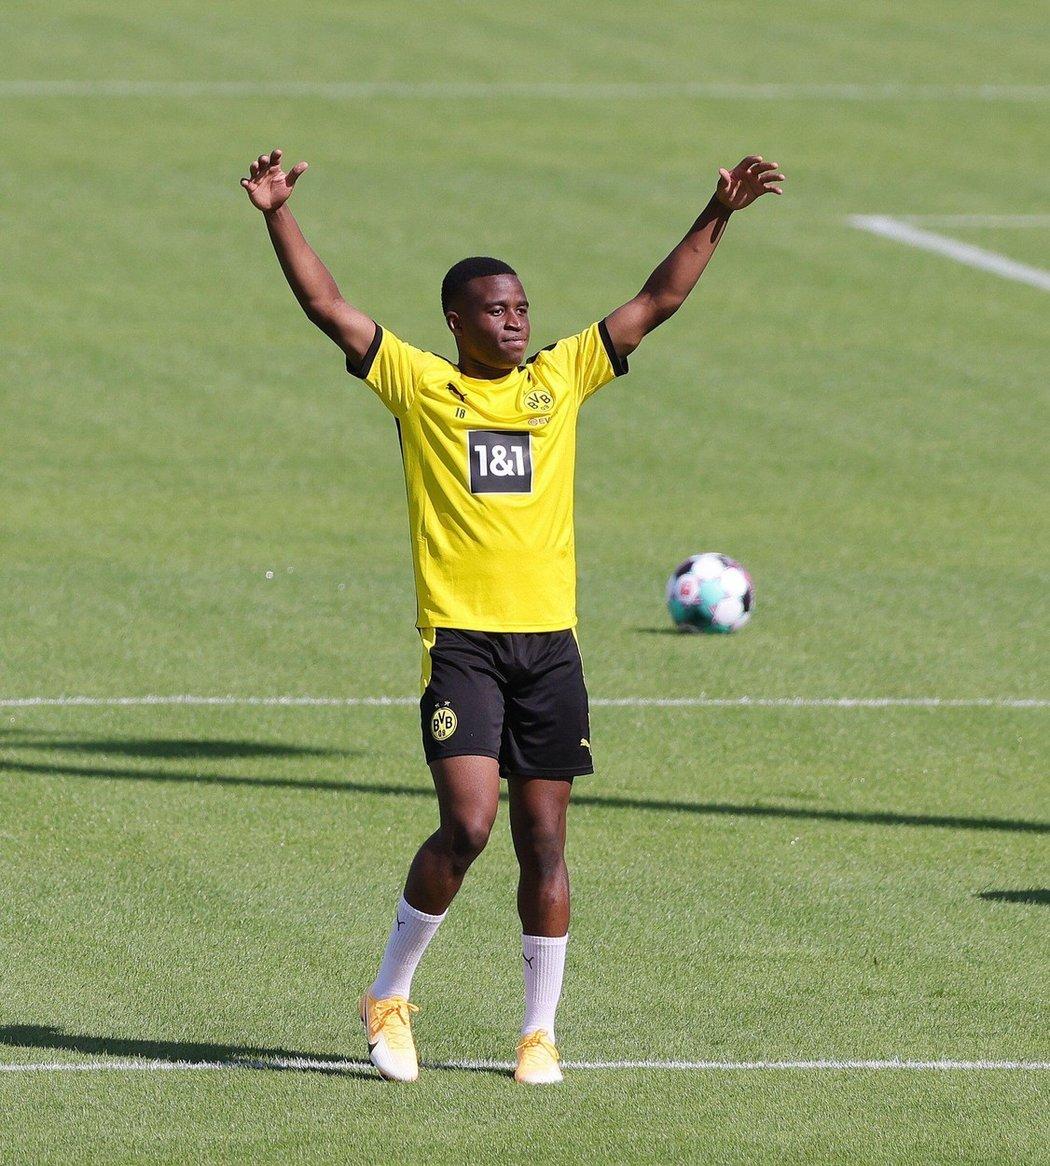 Mladíček Youssoufa Moukoko patří mezi největší talenty bundesligy